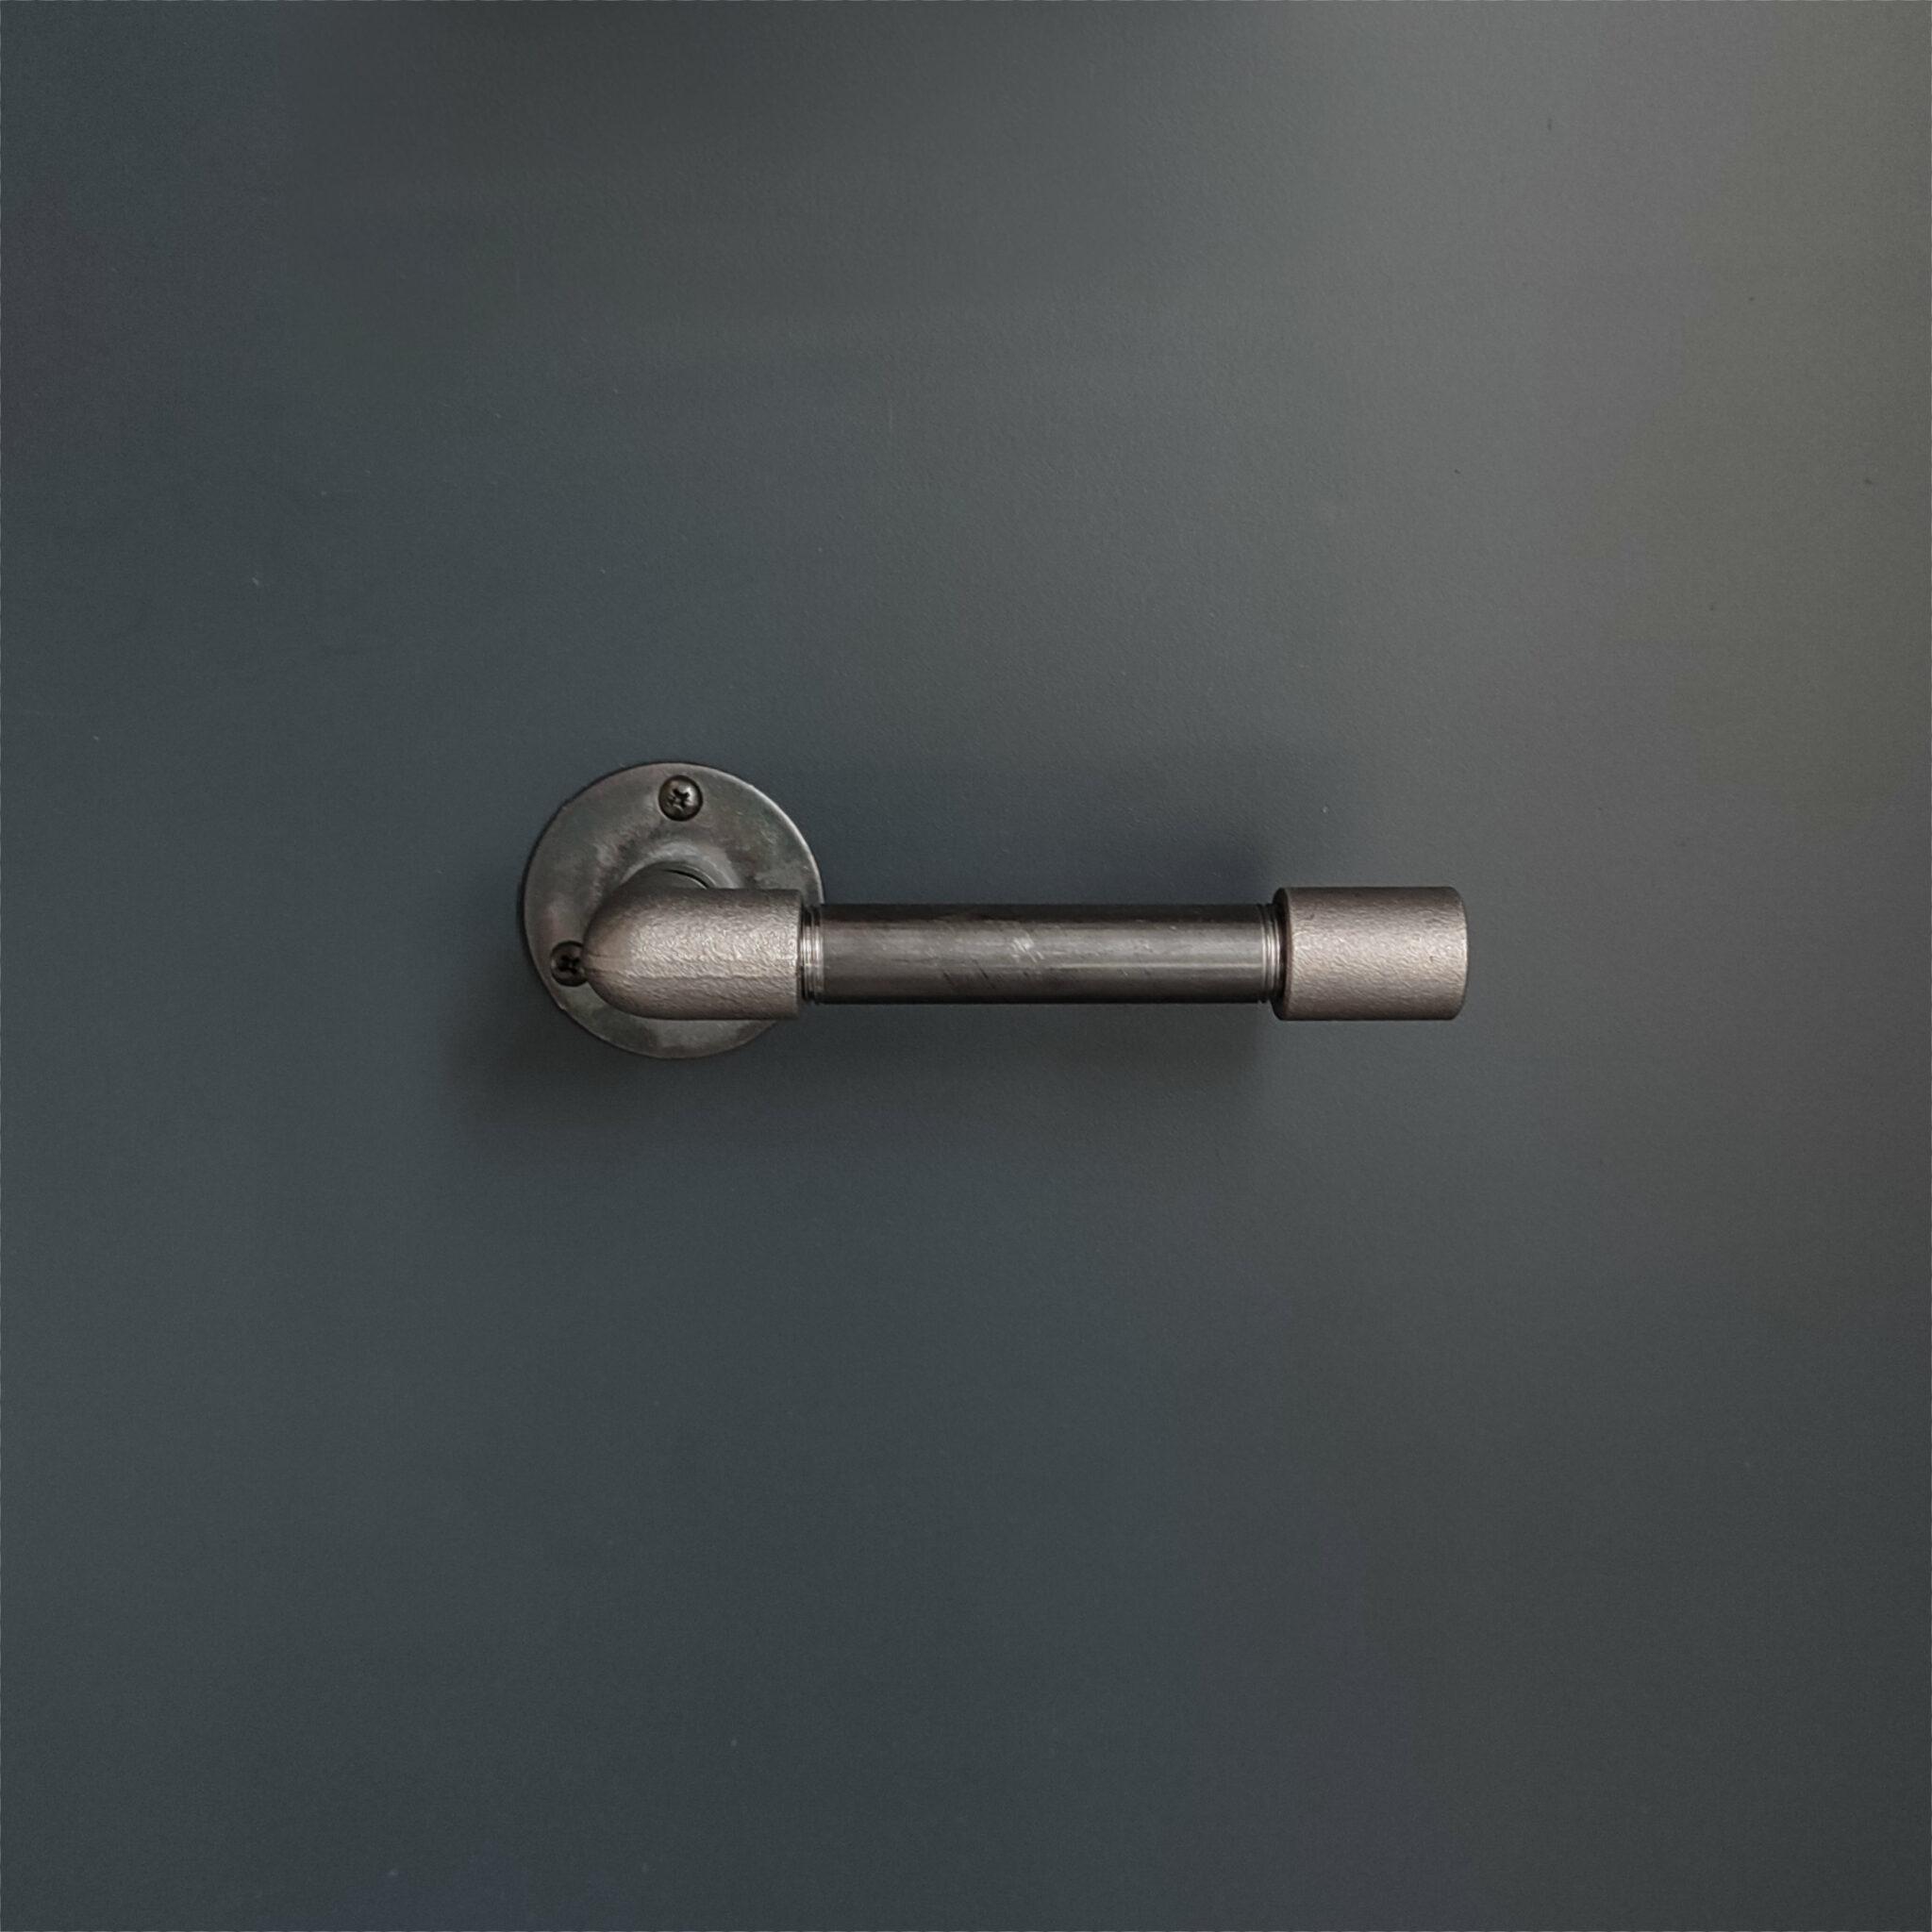 Porte rouleau WC Design – droit – Assemblé – MCFK0130012W1A00